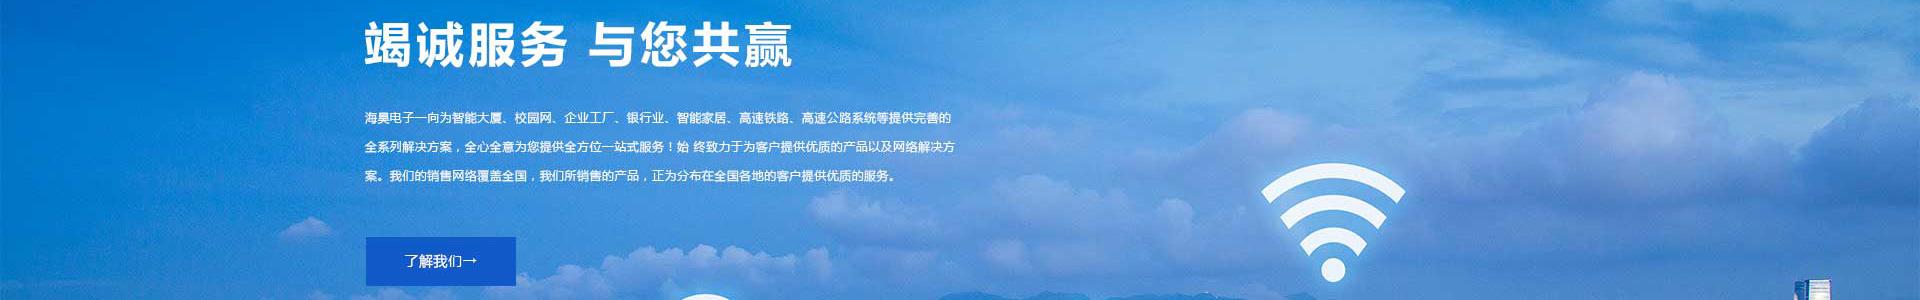 福建昊讯网络配件